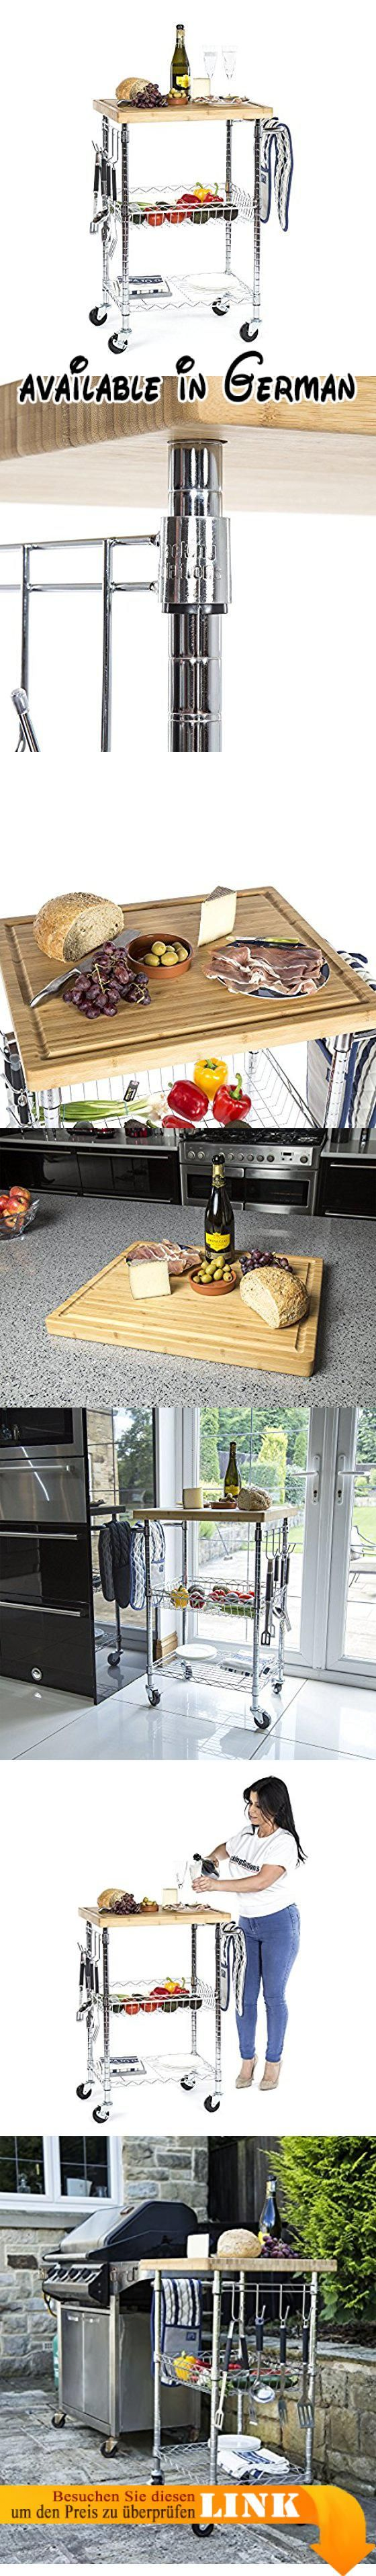 B072N167LW : Lavish chrom Wein Esstisch 3Etagen Küche Warenkorb mit ...